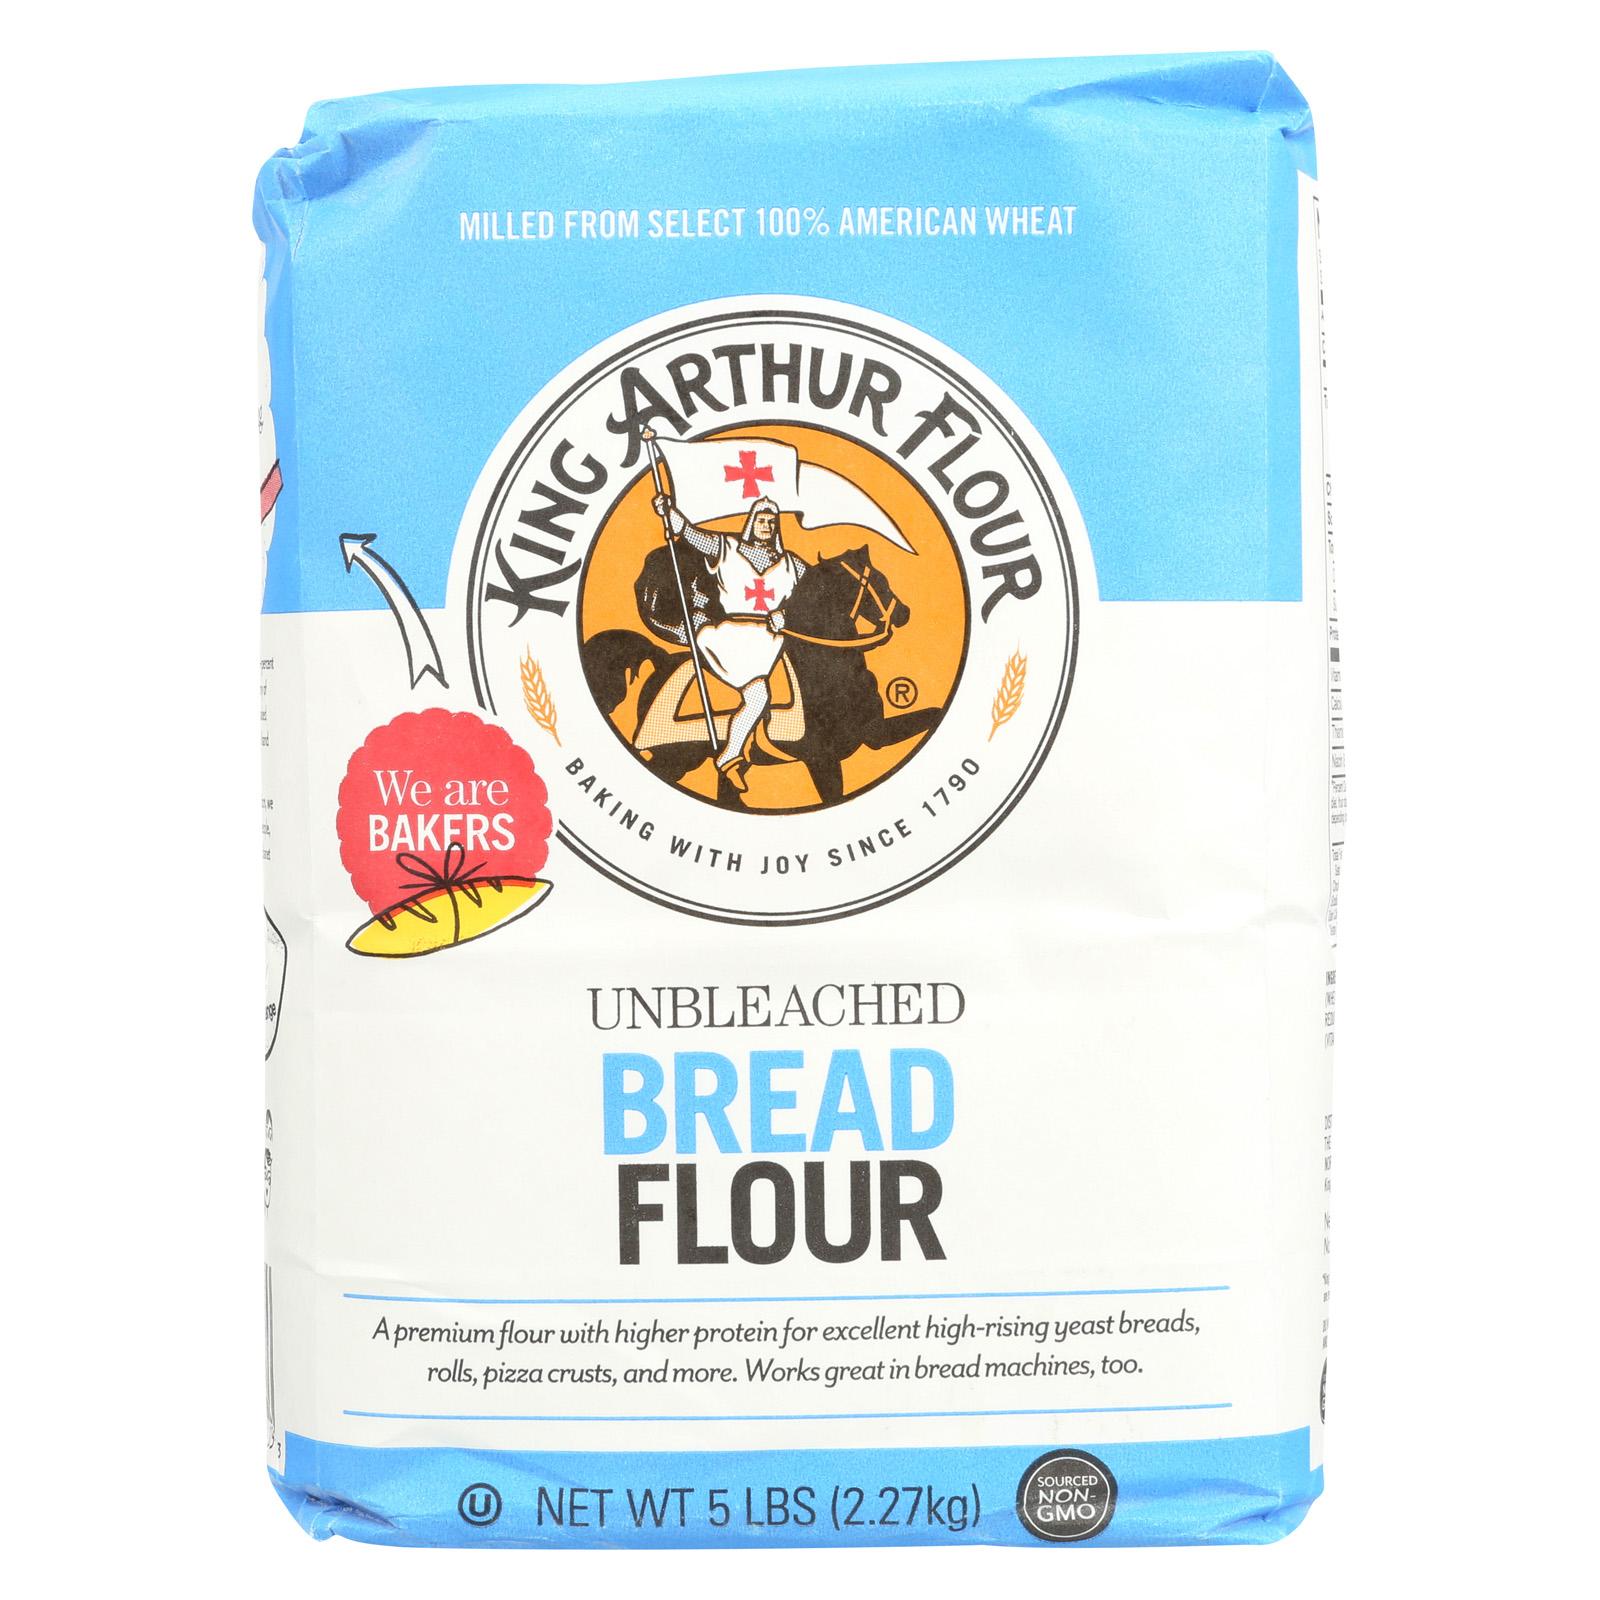 king arthur flour coupons 2019